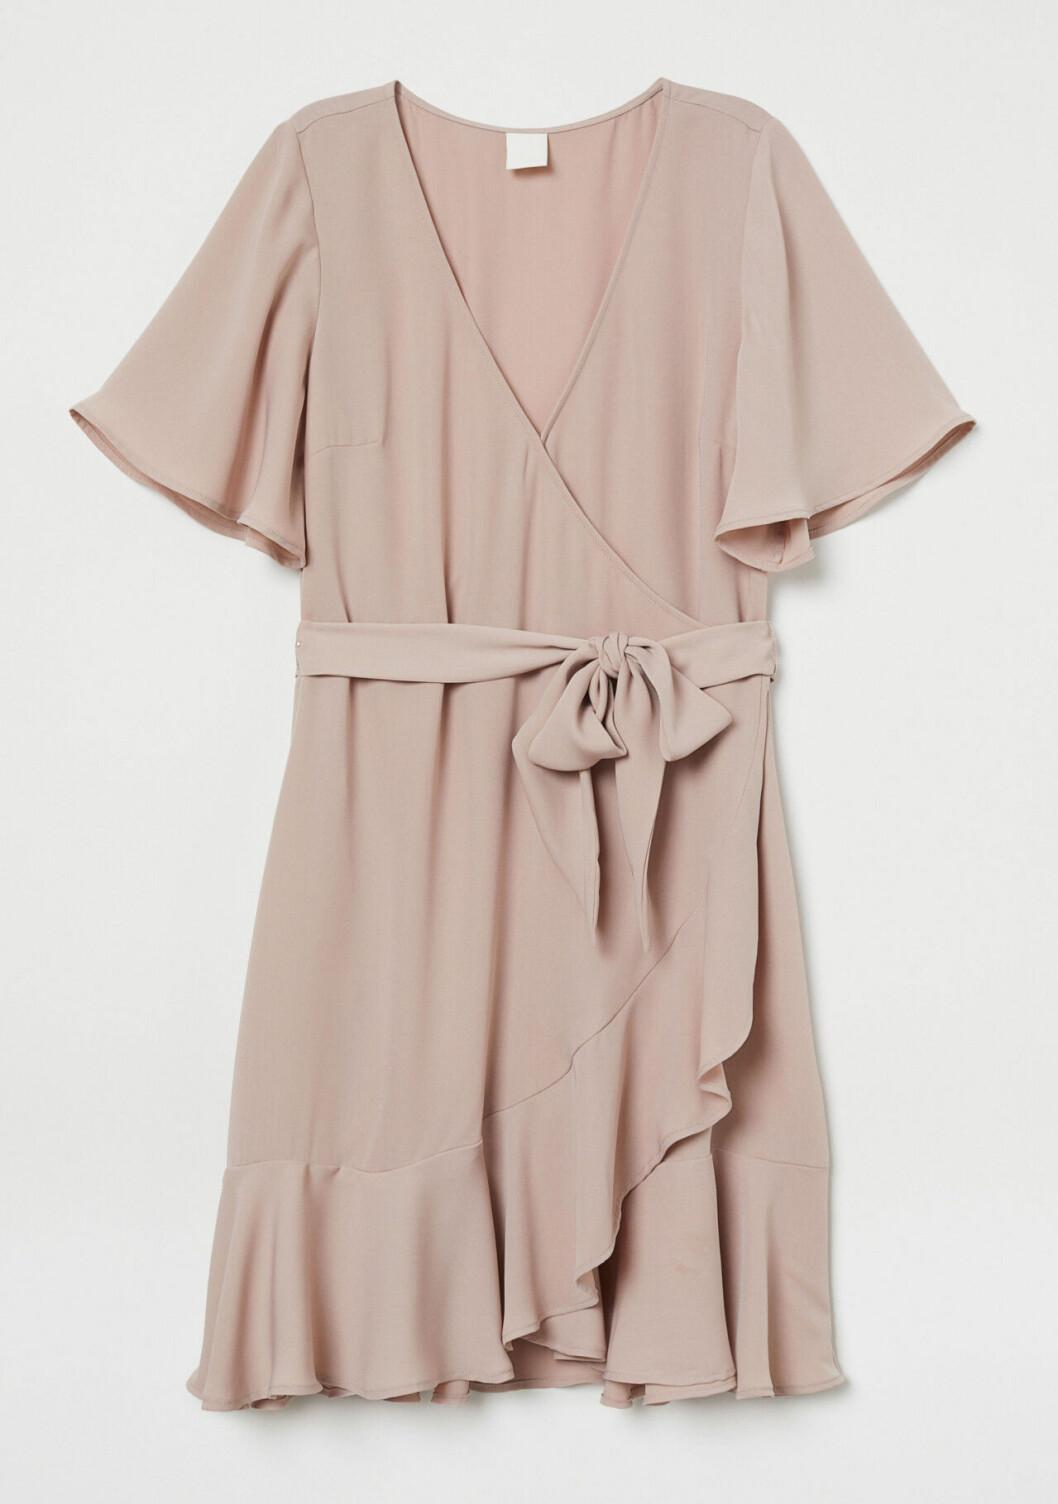 Puderrosa klänning till skolavslutningen 2019